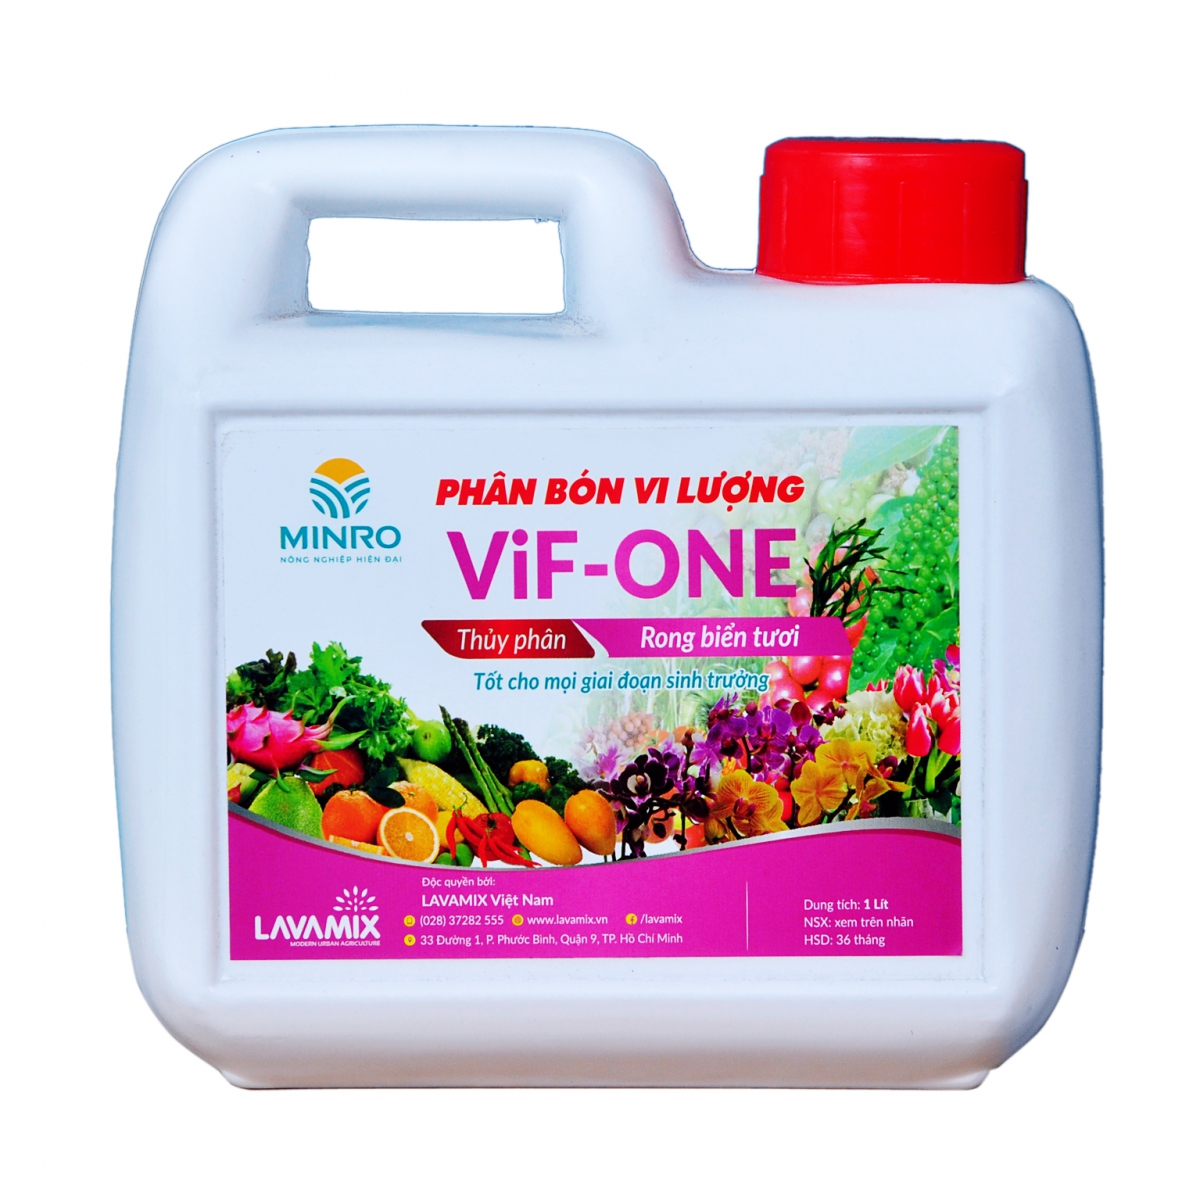 Rong biển Minro (Vif-One) - 1 lít